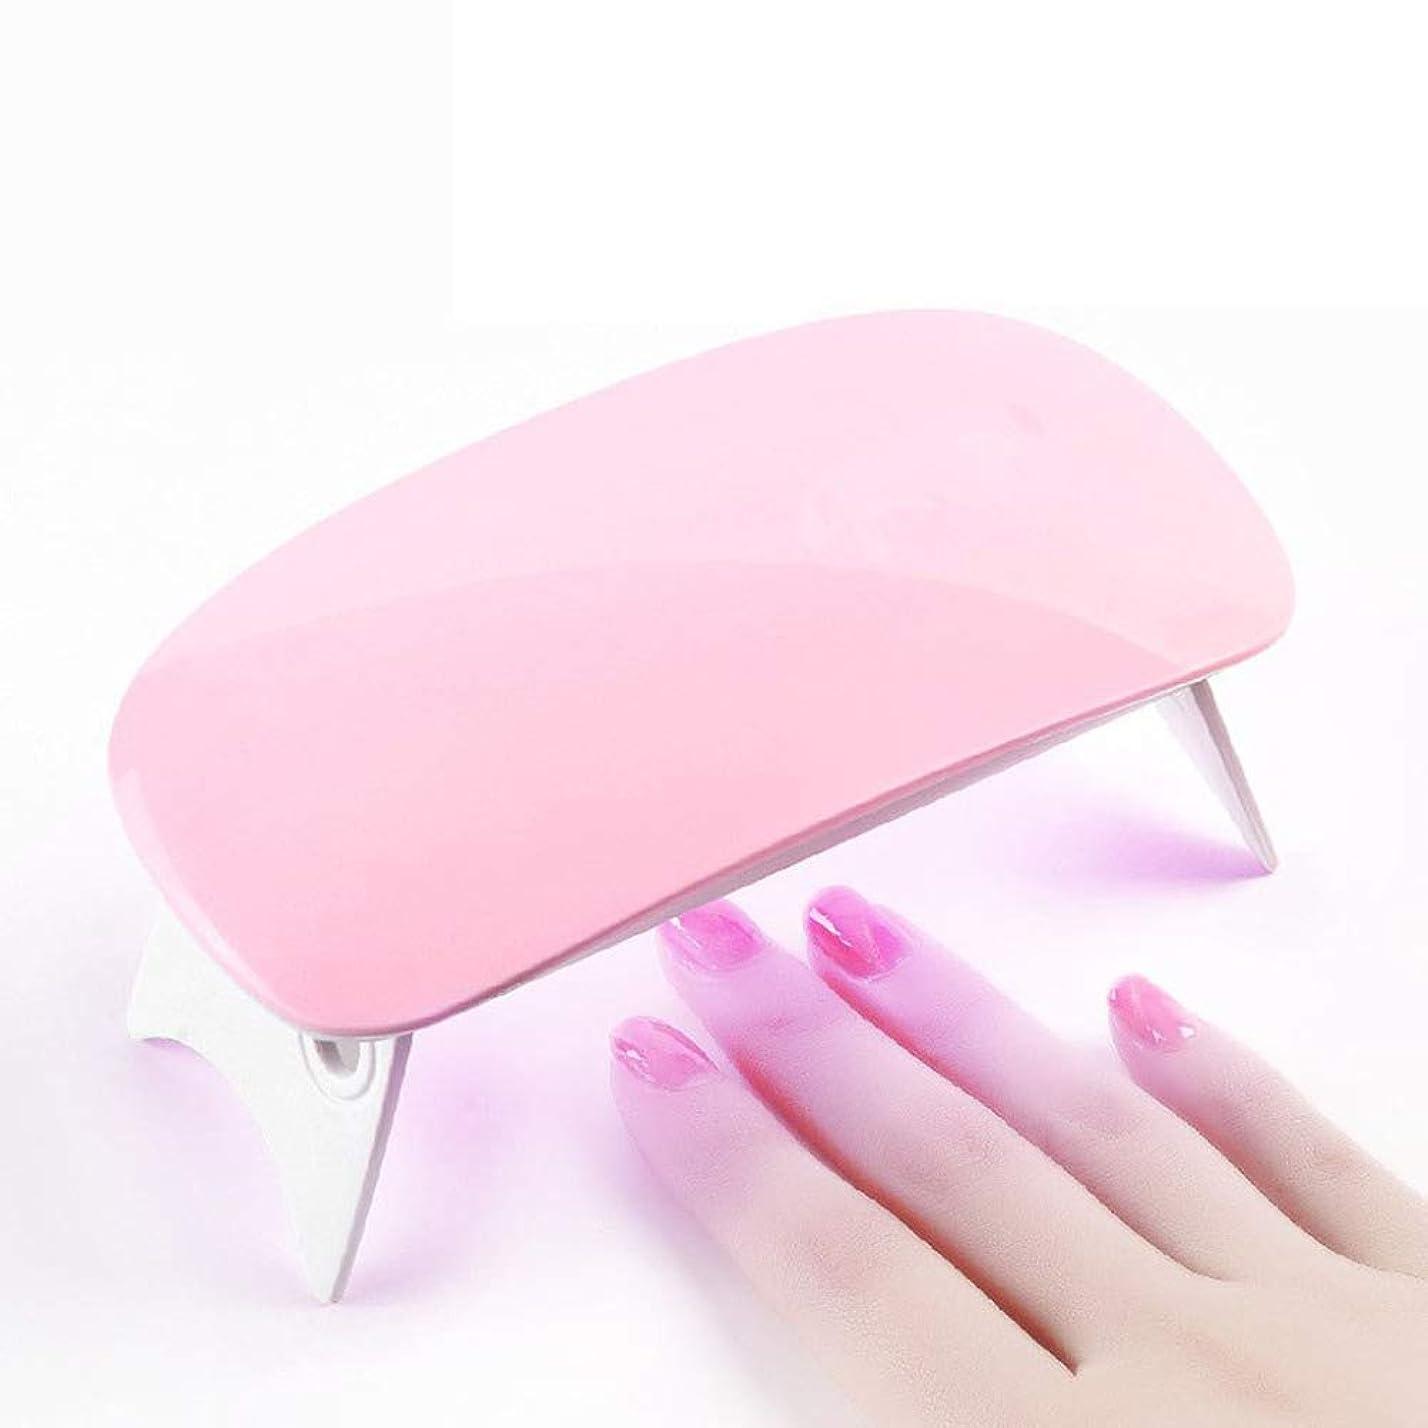 報告書頼る靄LED 硬化ライト LEDネイルドライヤー UVライト 折りたたみ式手足とも使える UV と LEDダブルライト ジェルネイル用